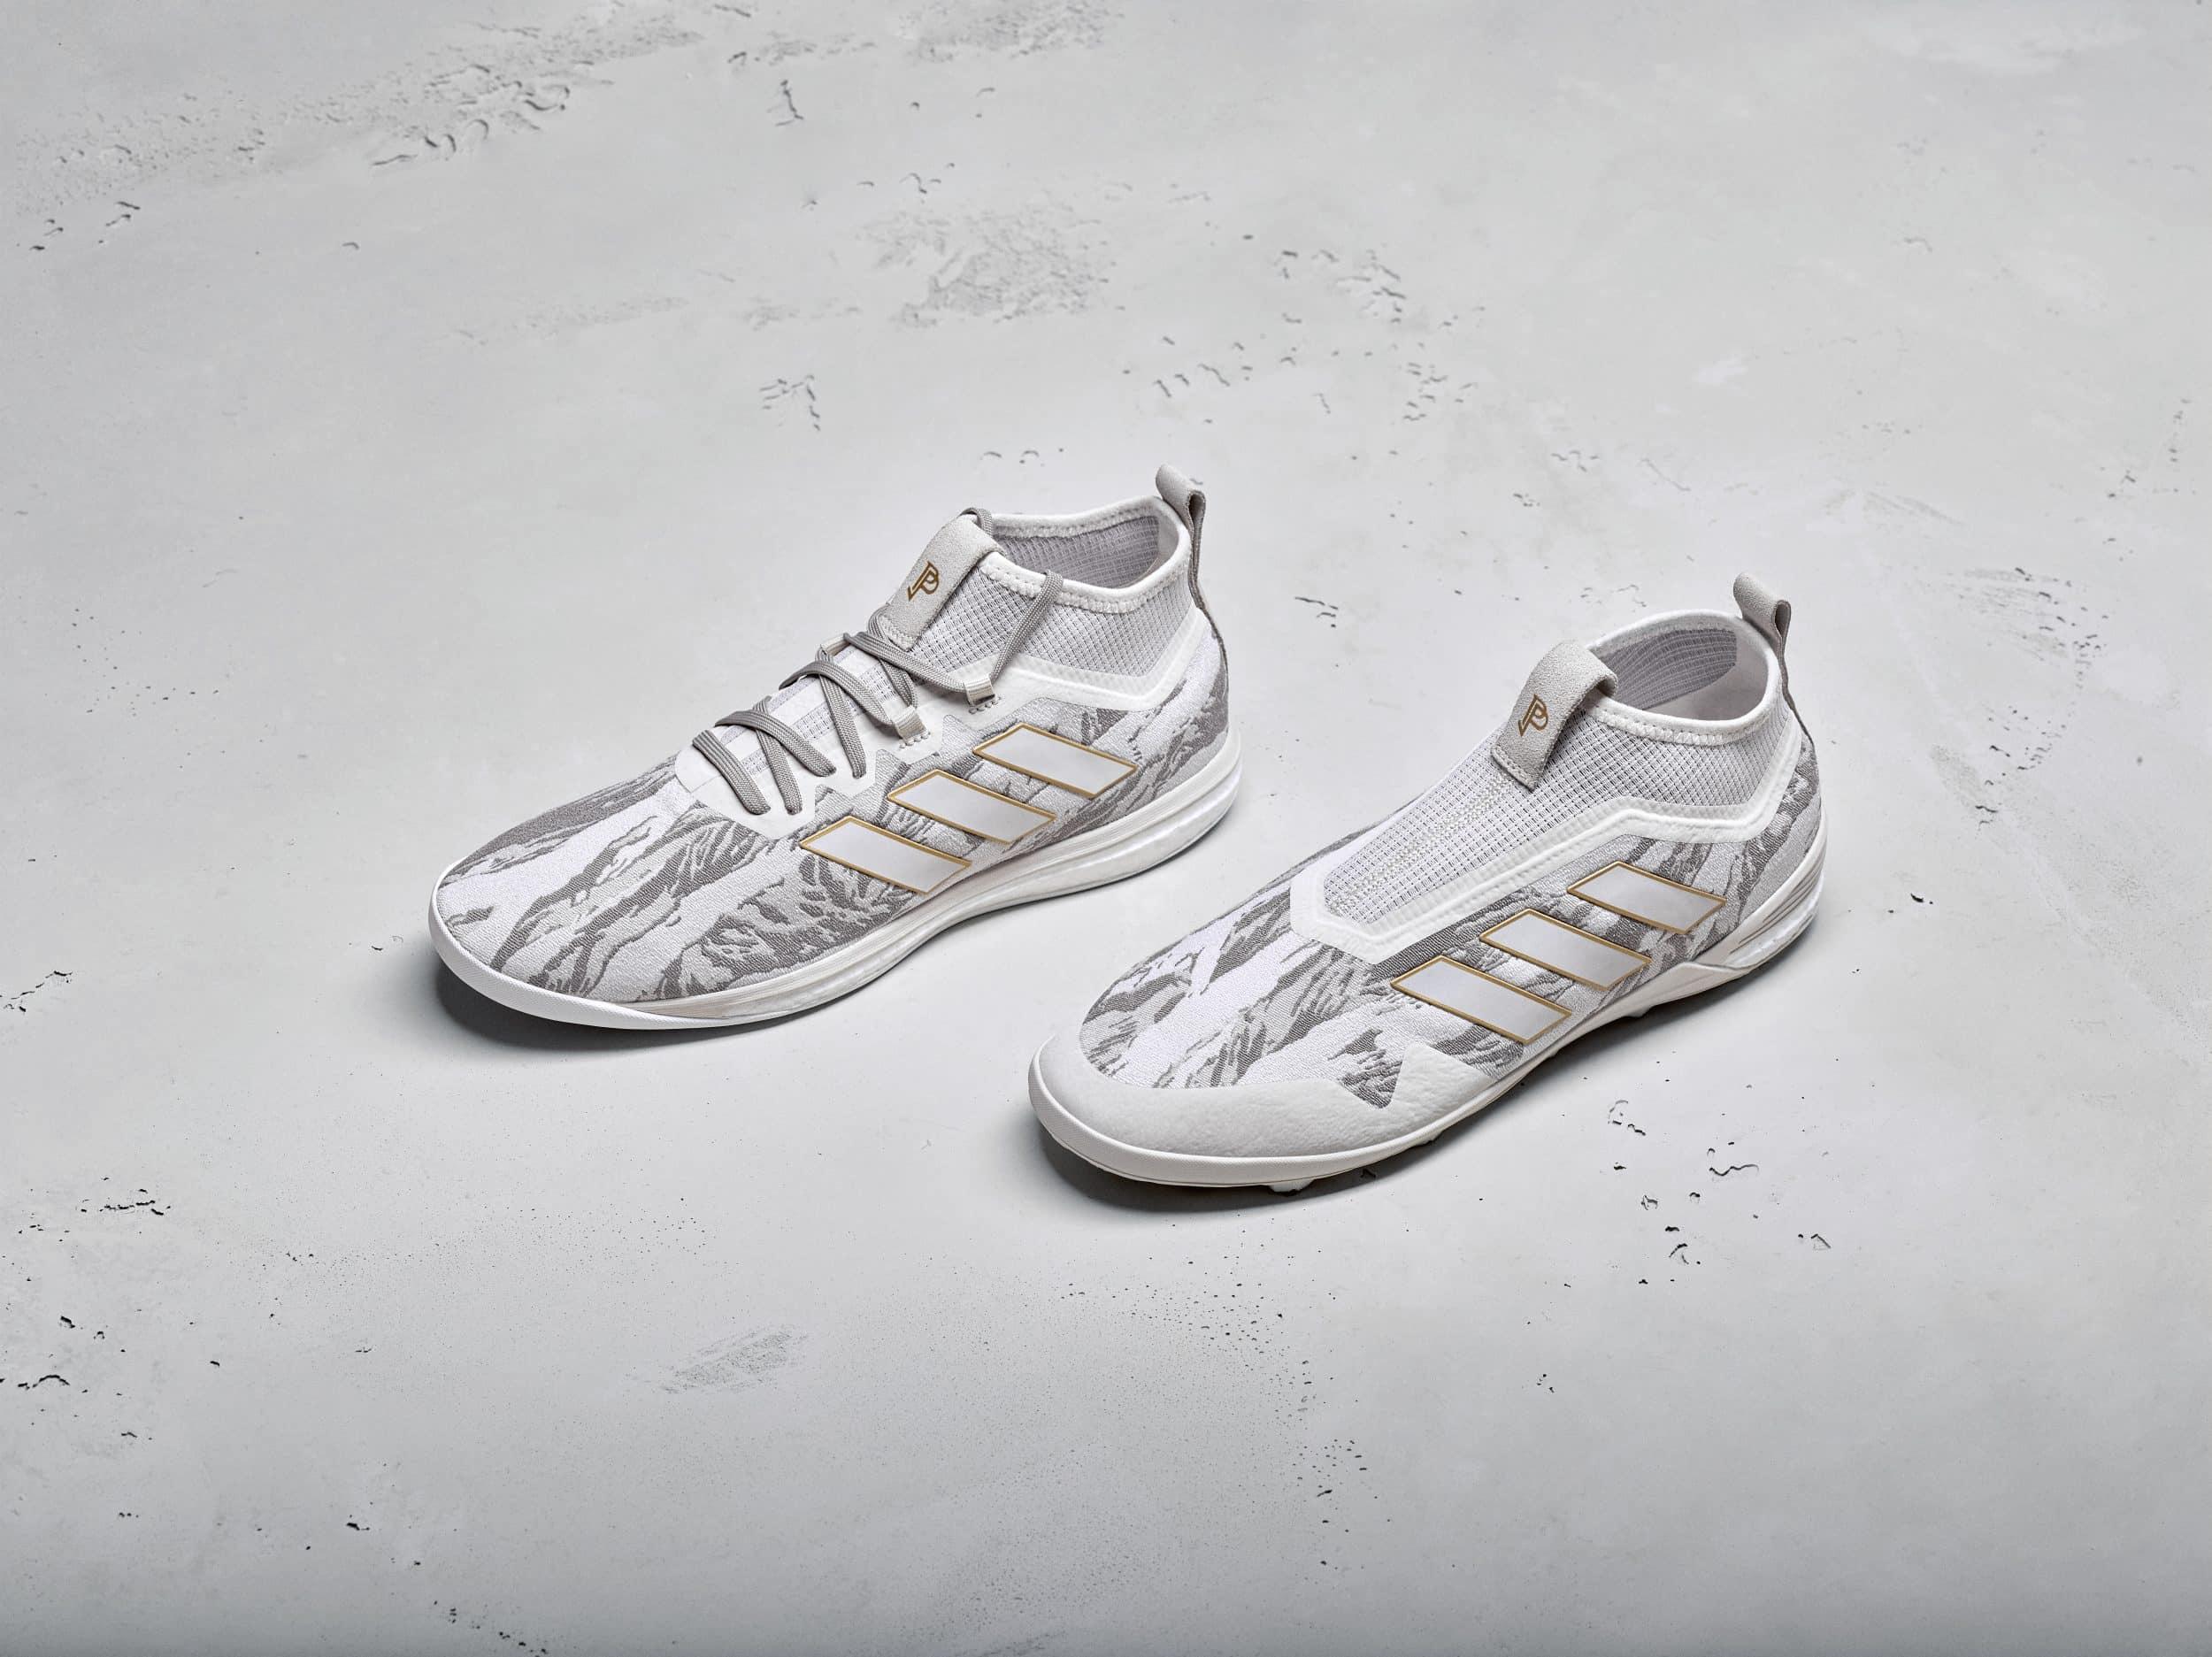 adidas lance la nouvelle collection capsule saison 2 de Paul